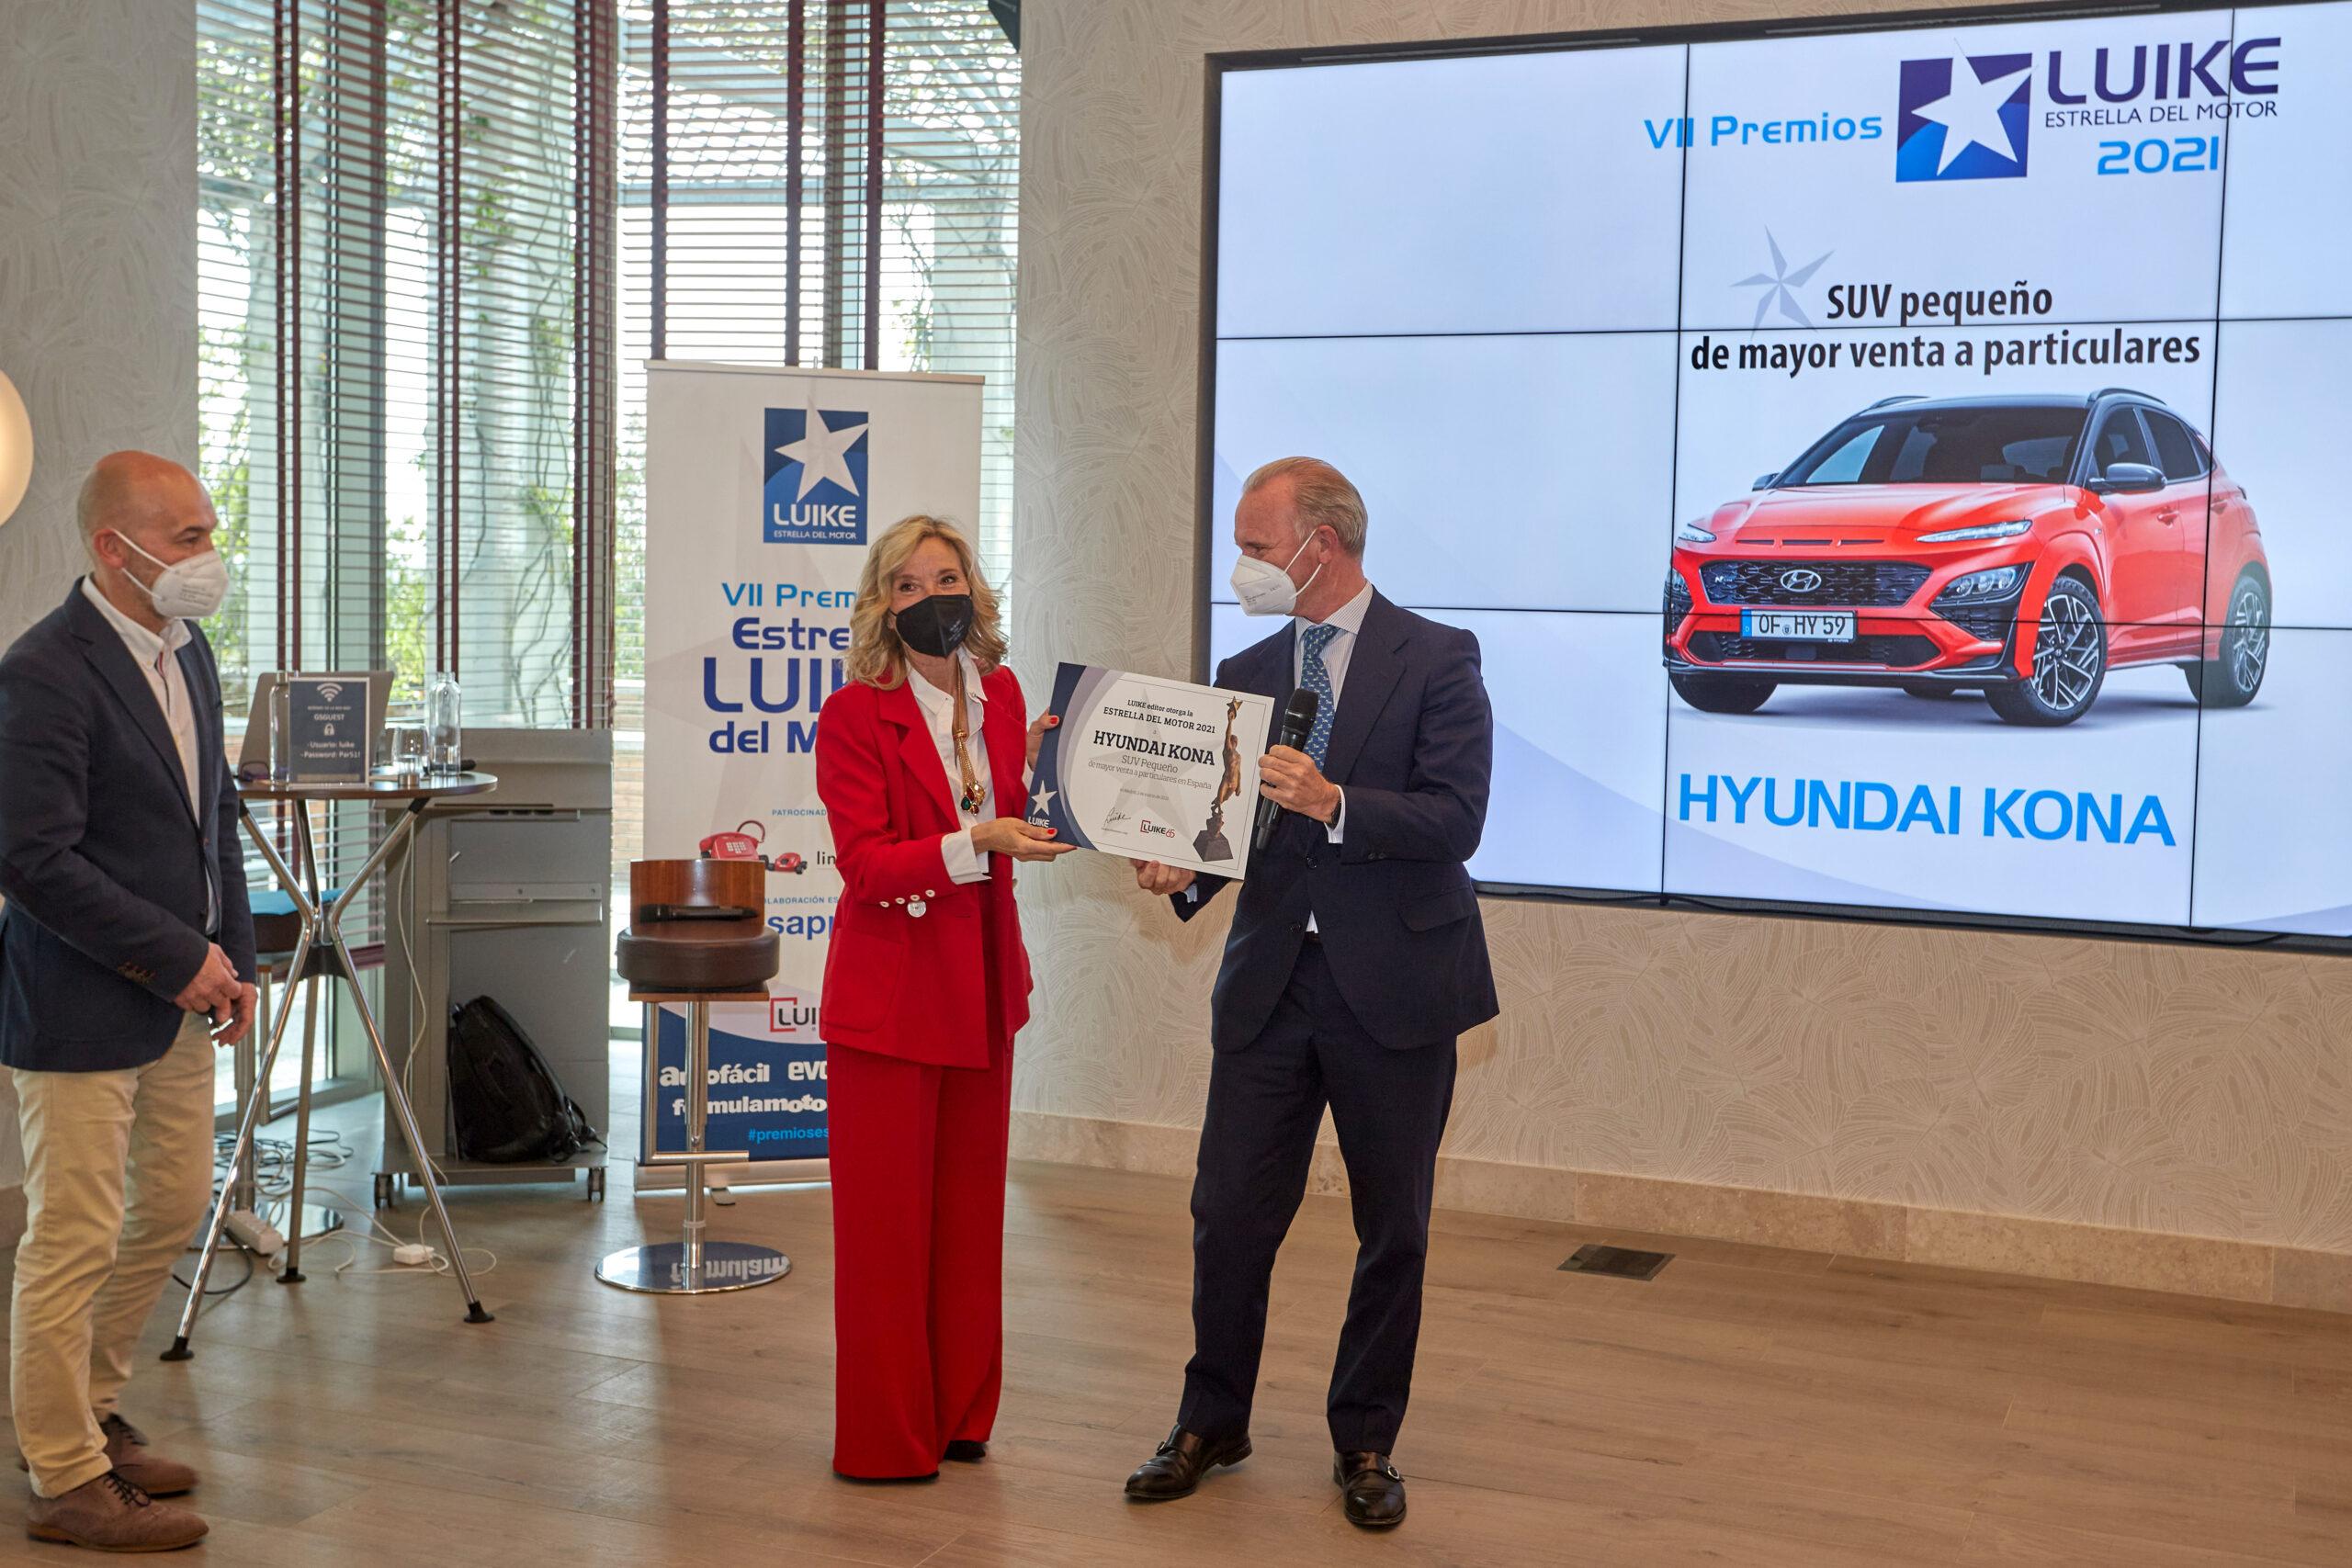 El Hyundai Kona, Estrella LUIKE del Motor al SUV Pequeño más vendido a particulares